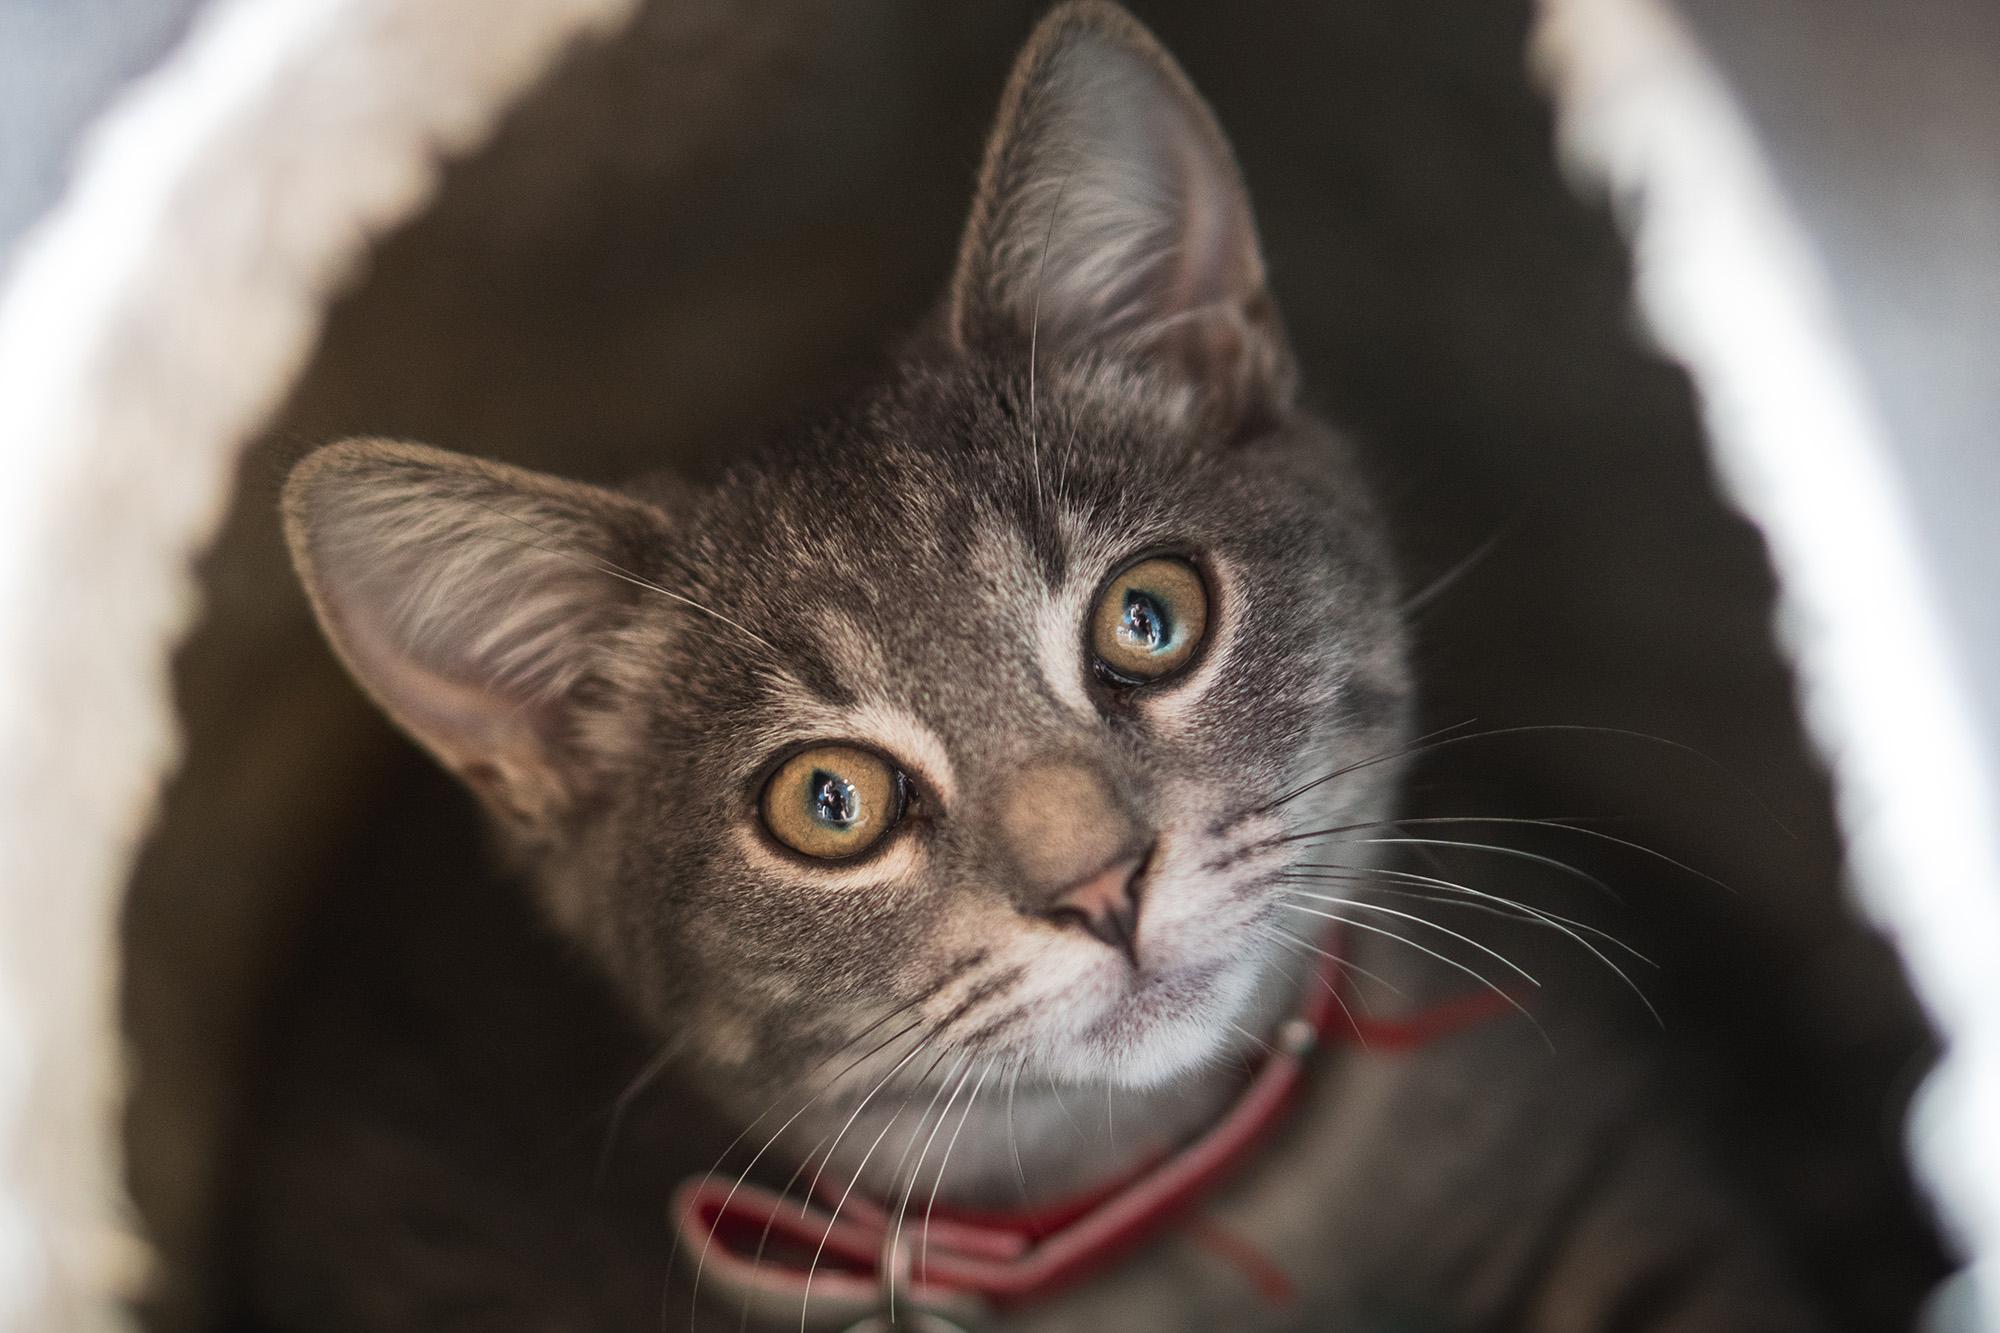 Matilda - Adopted 14/3/19